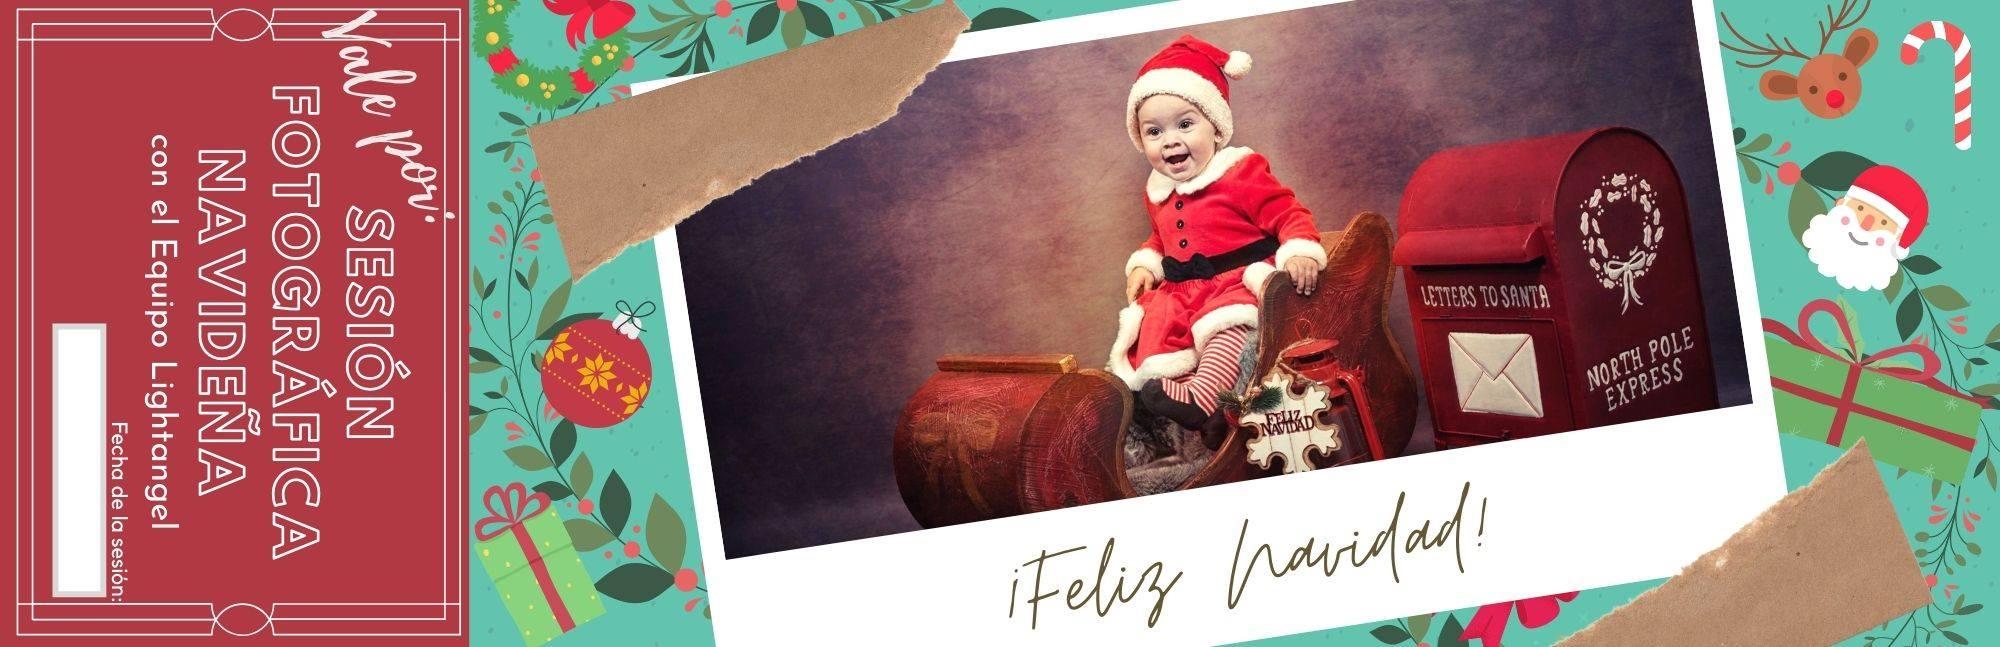 vale sesion fotos navidad nino lightangel - Esta Navidad, regala recuerdos con Lightangel -